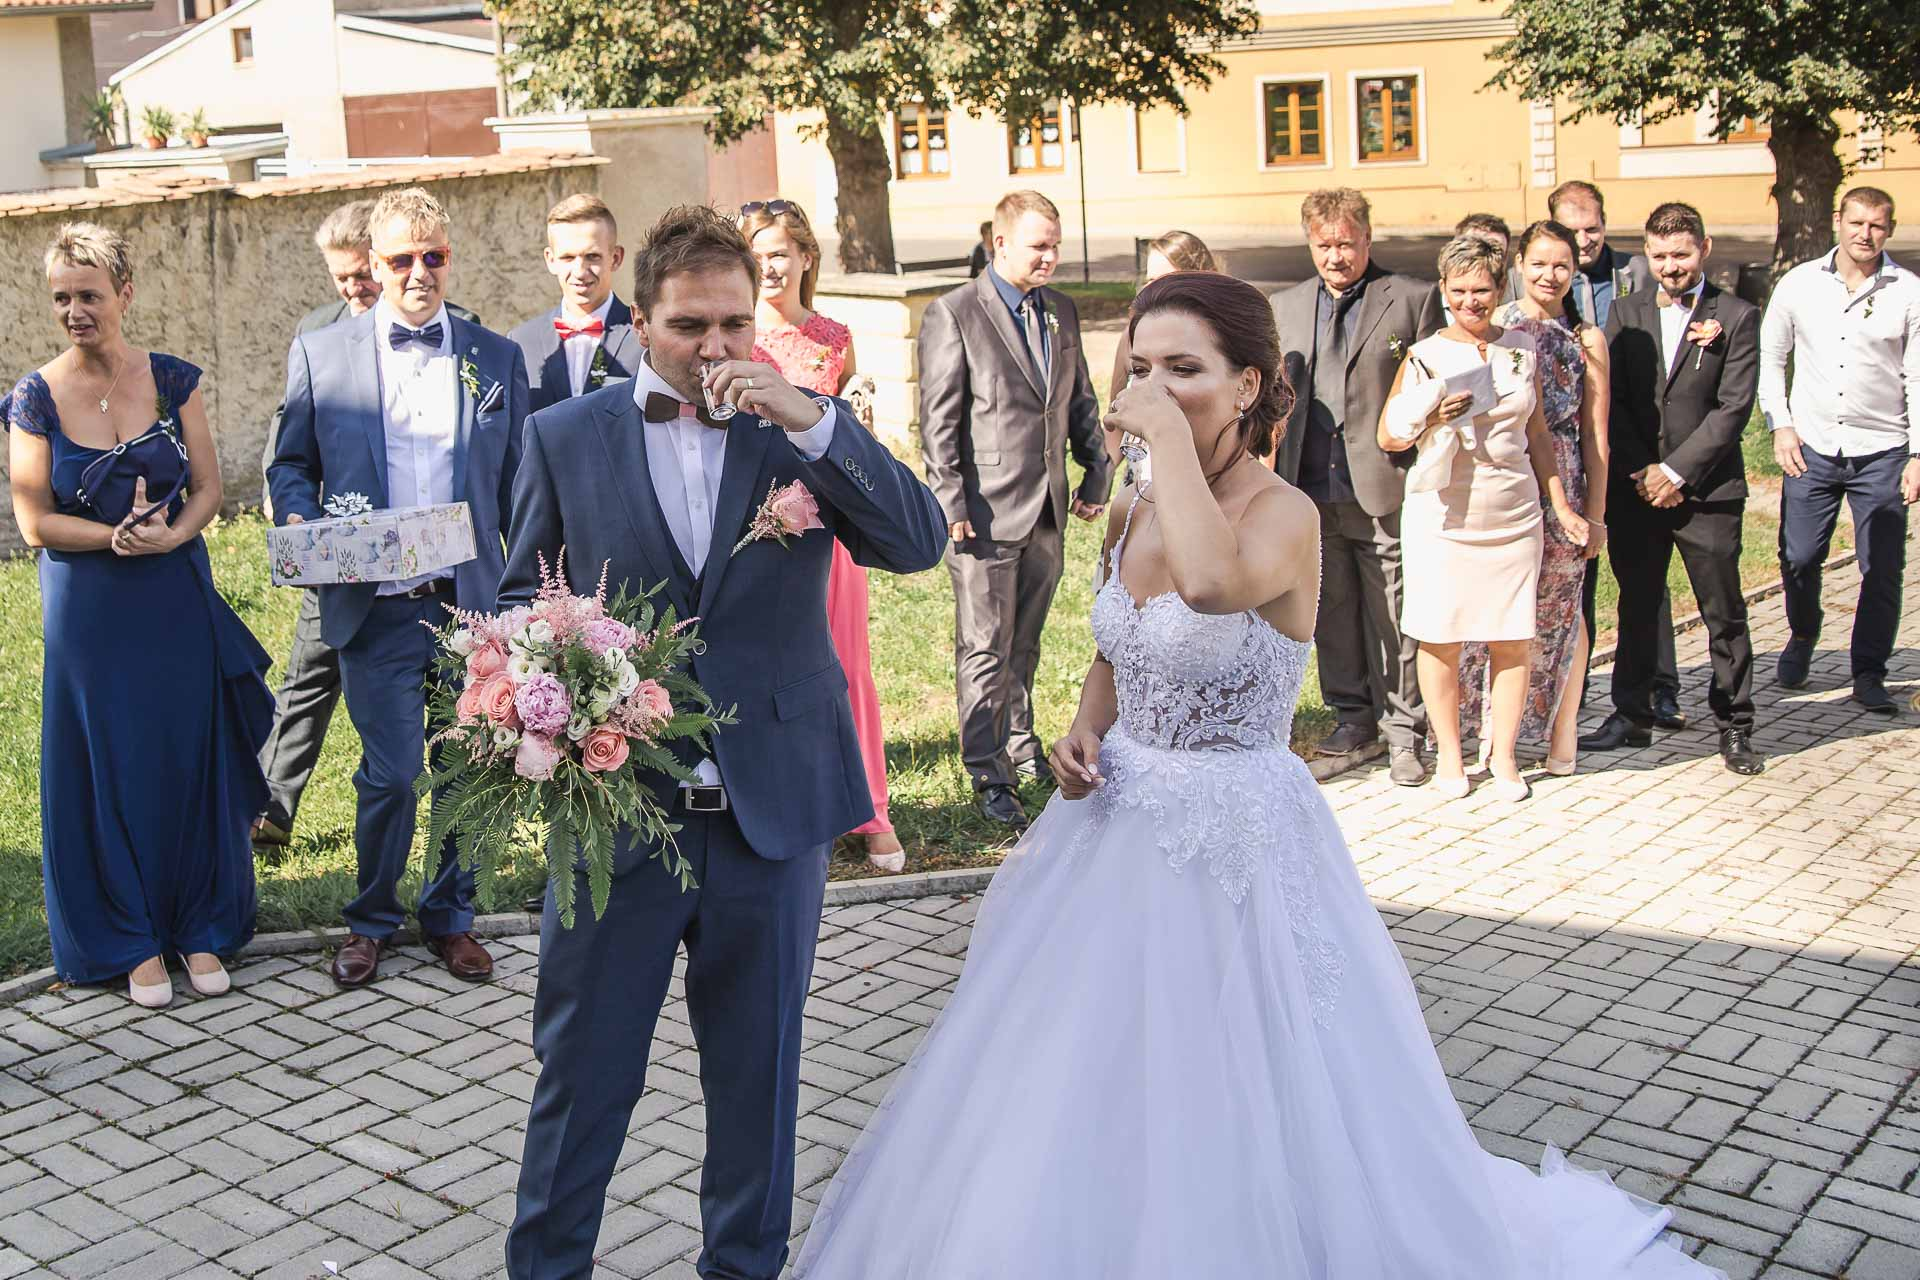 svatební-fotografie-Říp-svatební-video-ŘÍP-svatební-fotograf-ŘÍP-svatba-Mělník-svatba-Neratovice-fotograf-na-savtbu-kameraman-na-svatbu-223